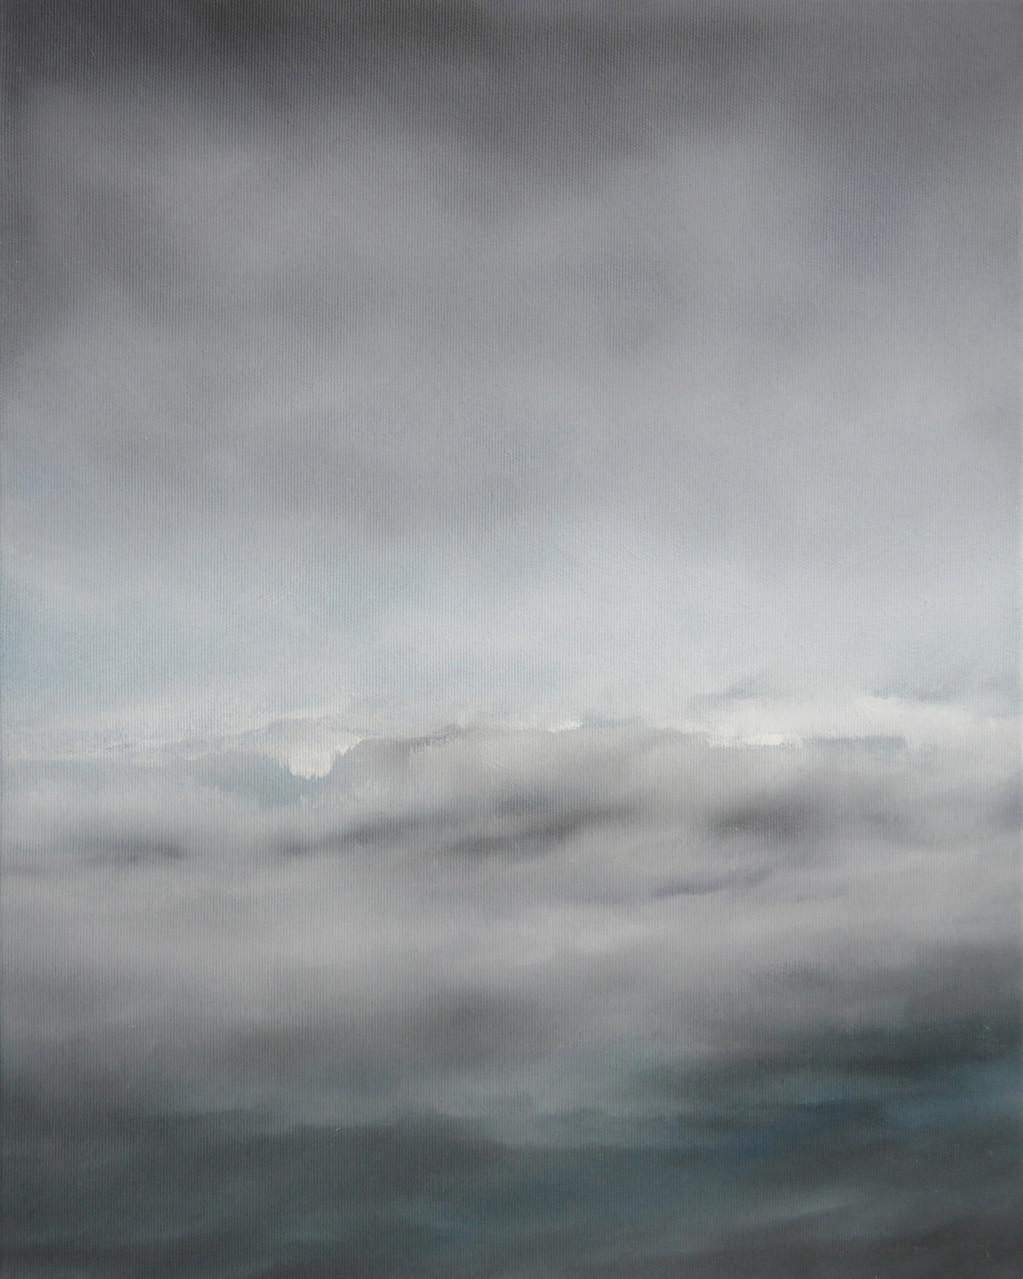 OHNE TITEL 1, 2014, Öl/Lwd., 50 x 40cm